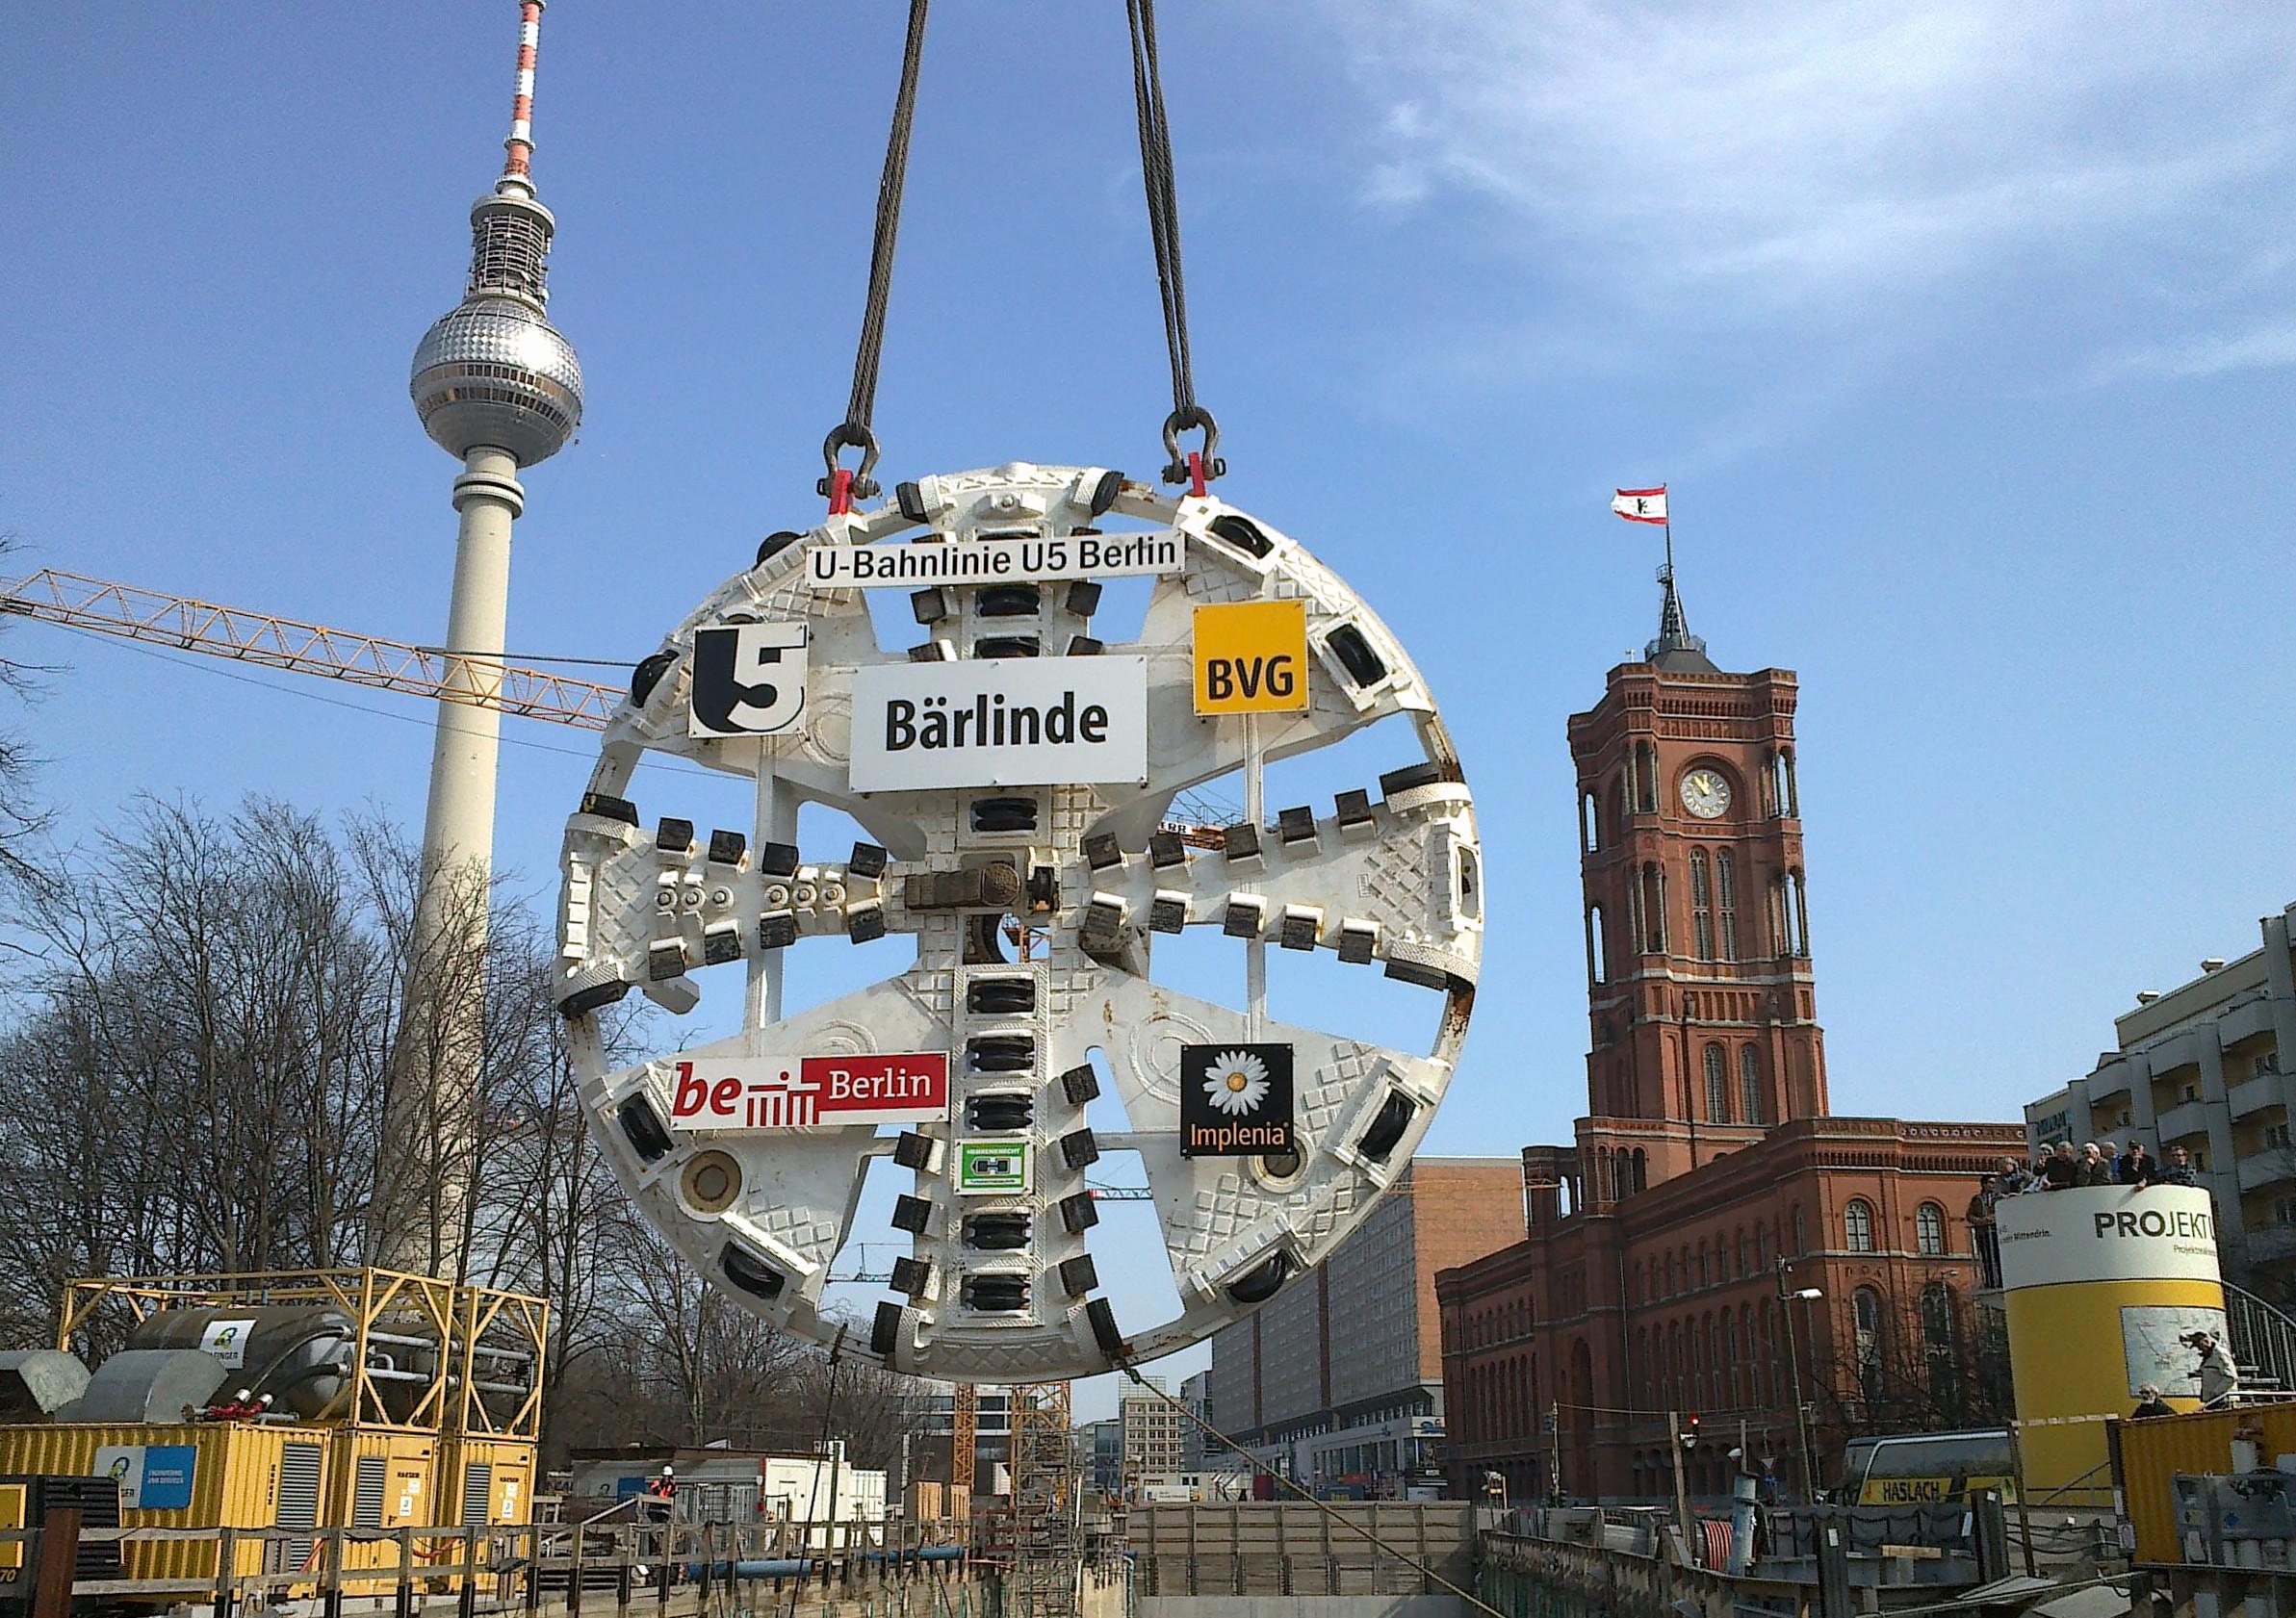 Implenia Berlin